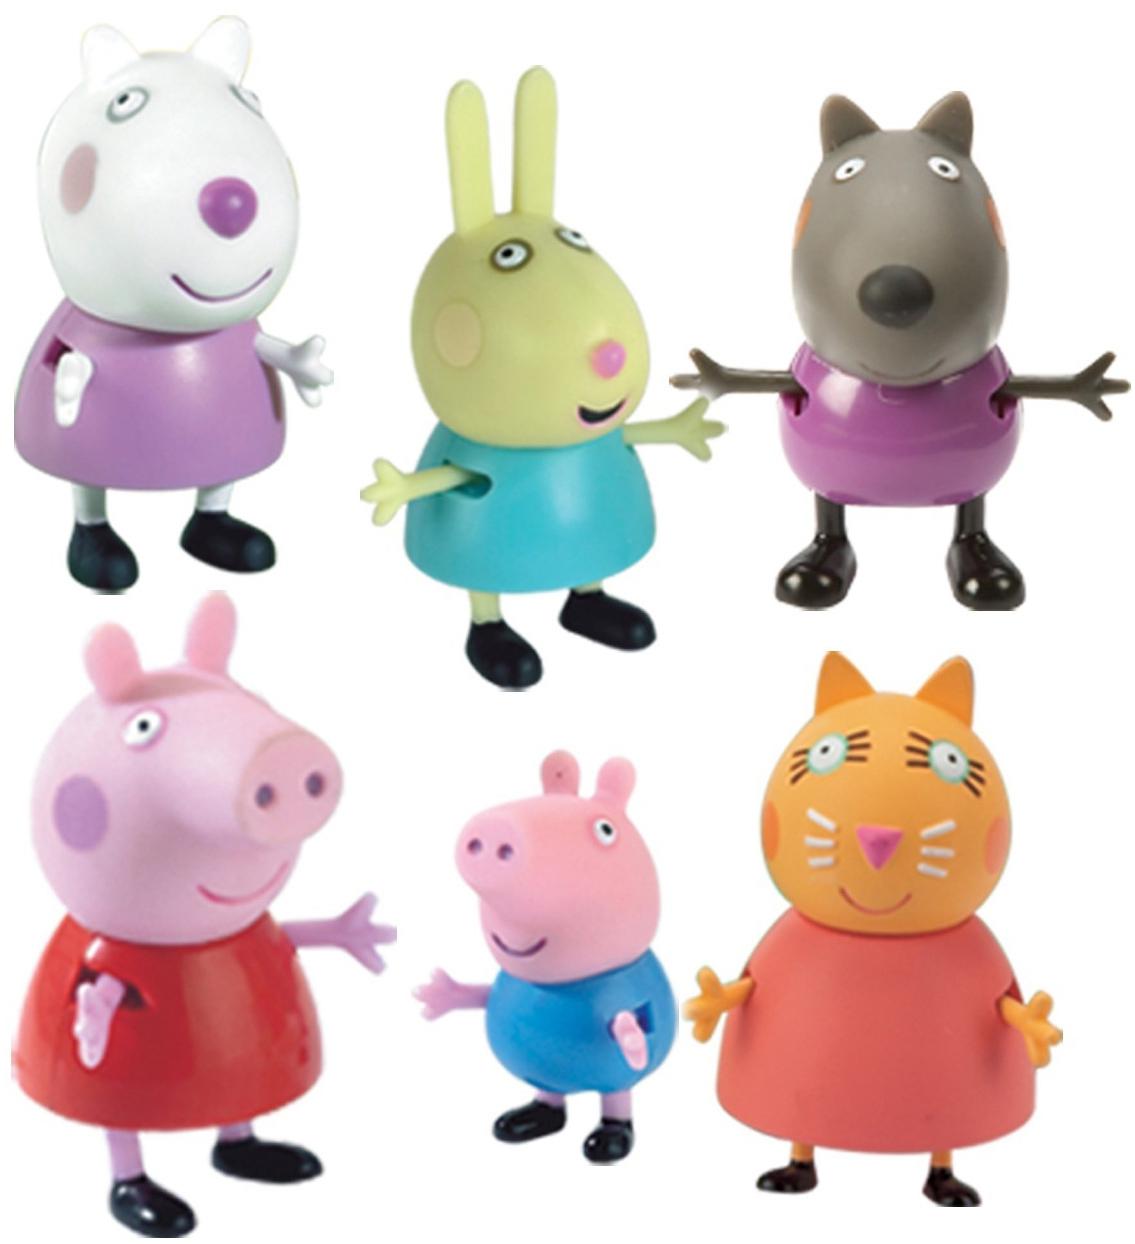 Фото - Игровой набор Peppa Pig Пеппа и друзья игровой набор peppa pig пеппа и сьюзи 2 предмета 28816